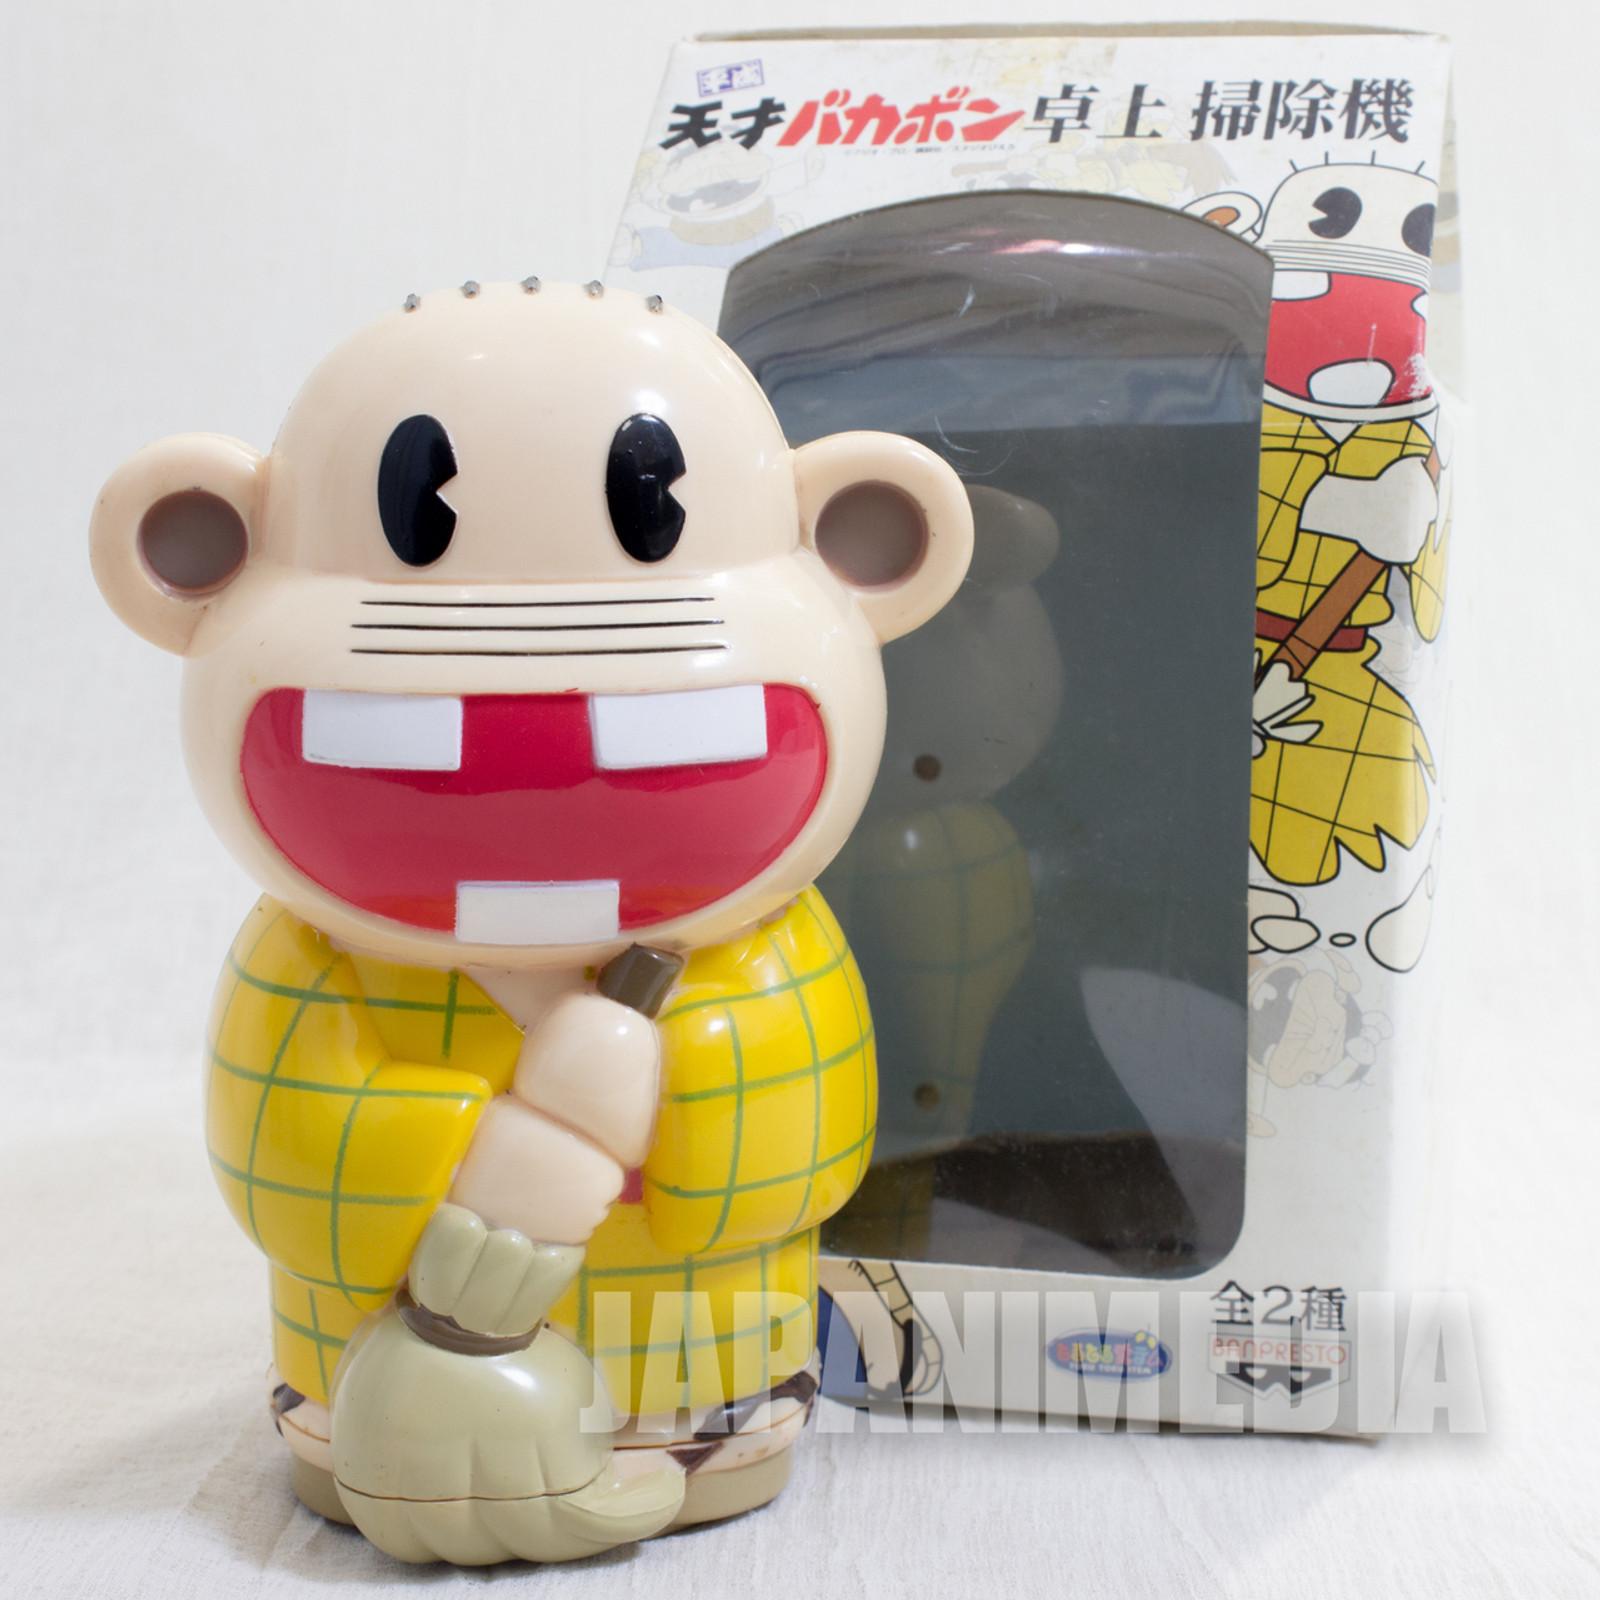 Tensai Bakabon Rerere no Oji-san Figure Desktop Cleaner Fujio Akatsuka JAPAN